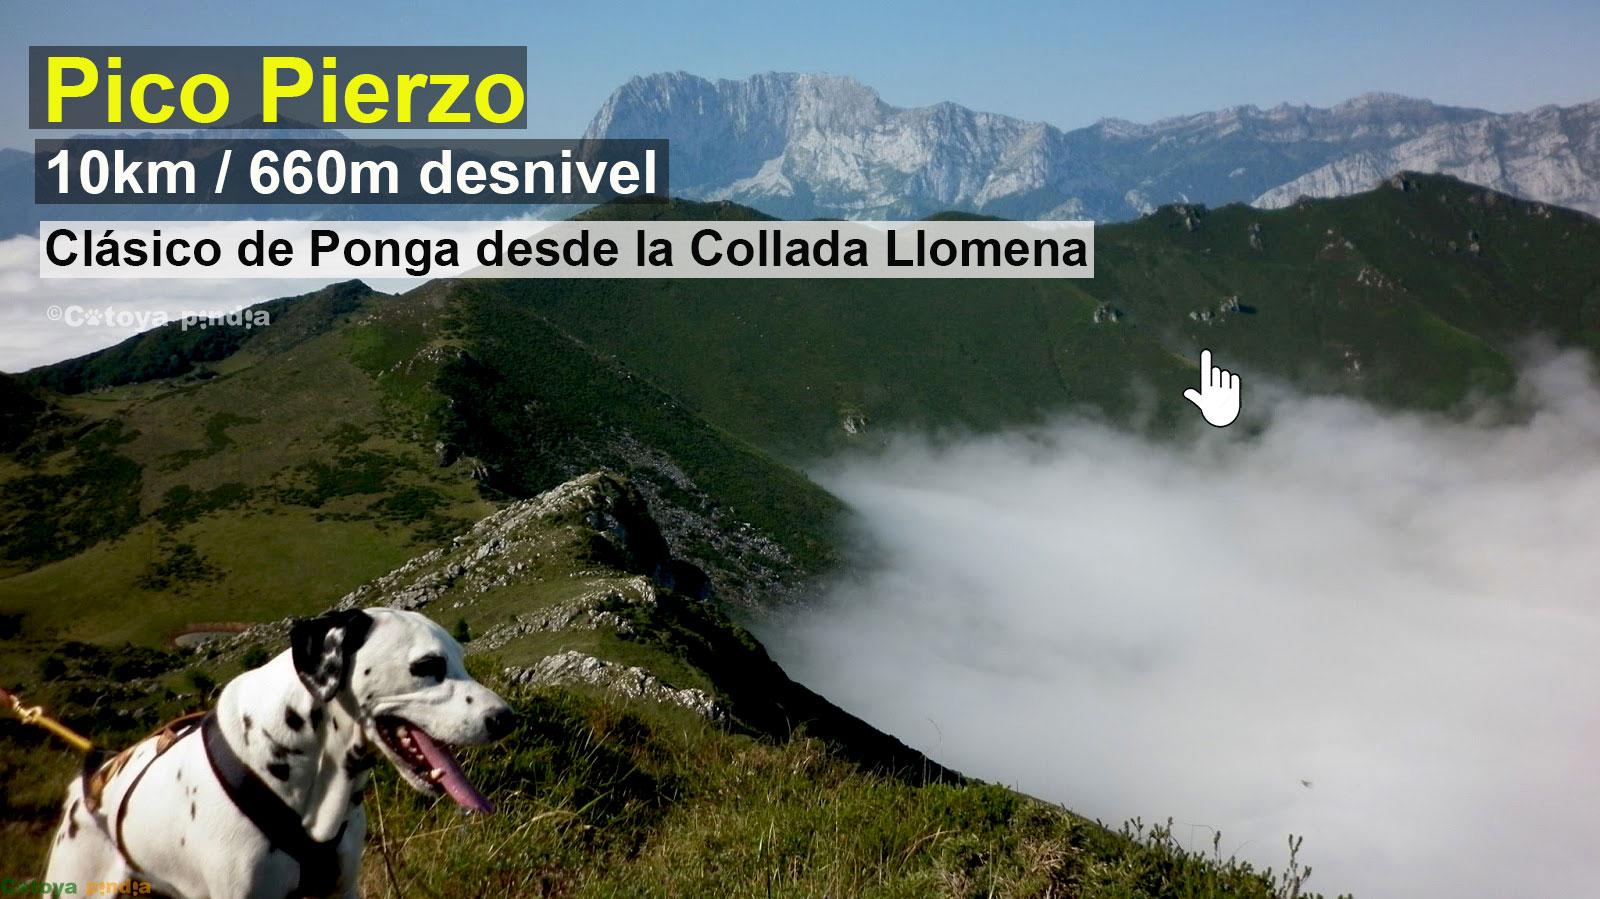 Ruta al Pico Pierzo